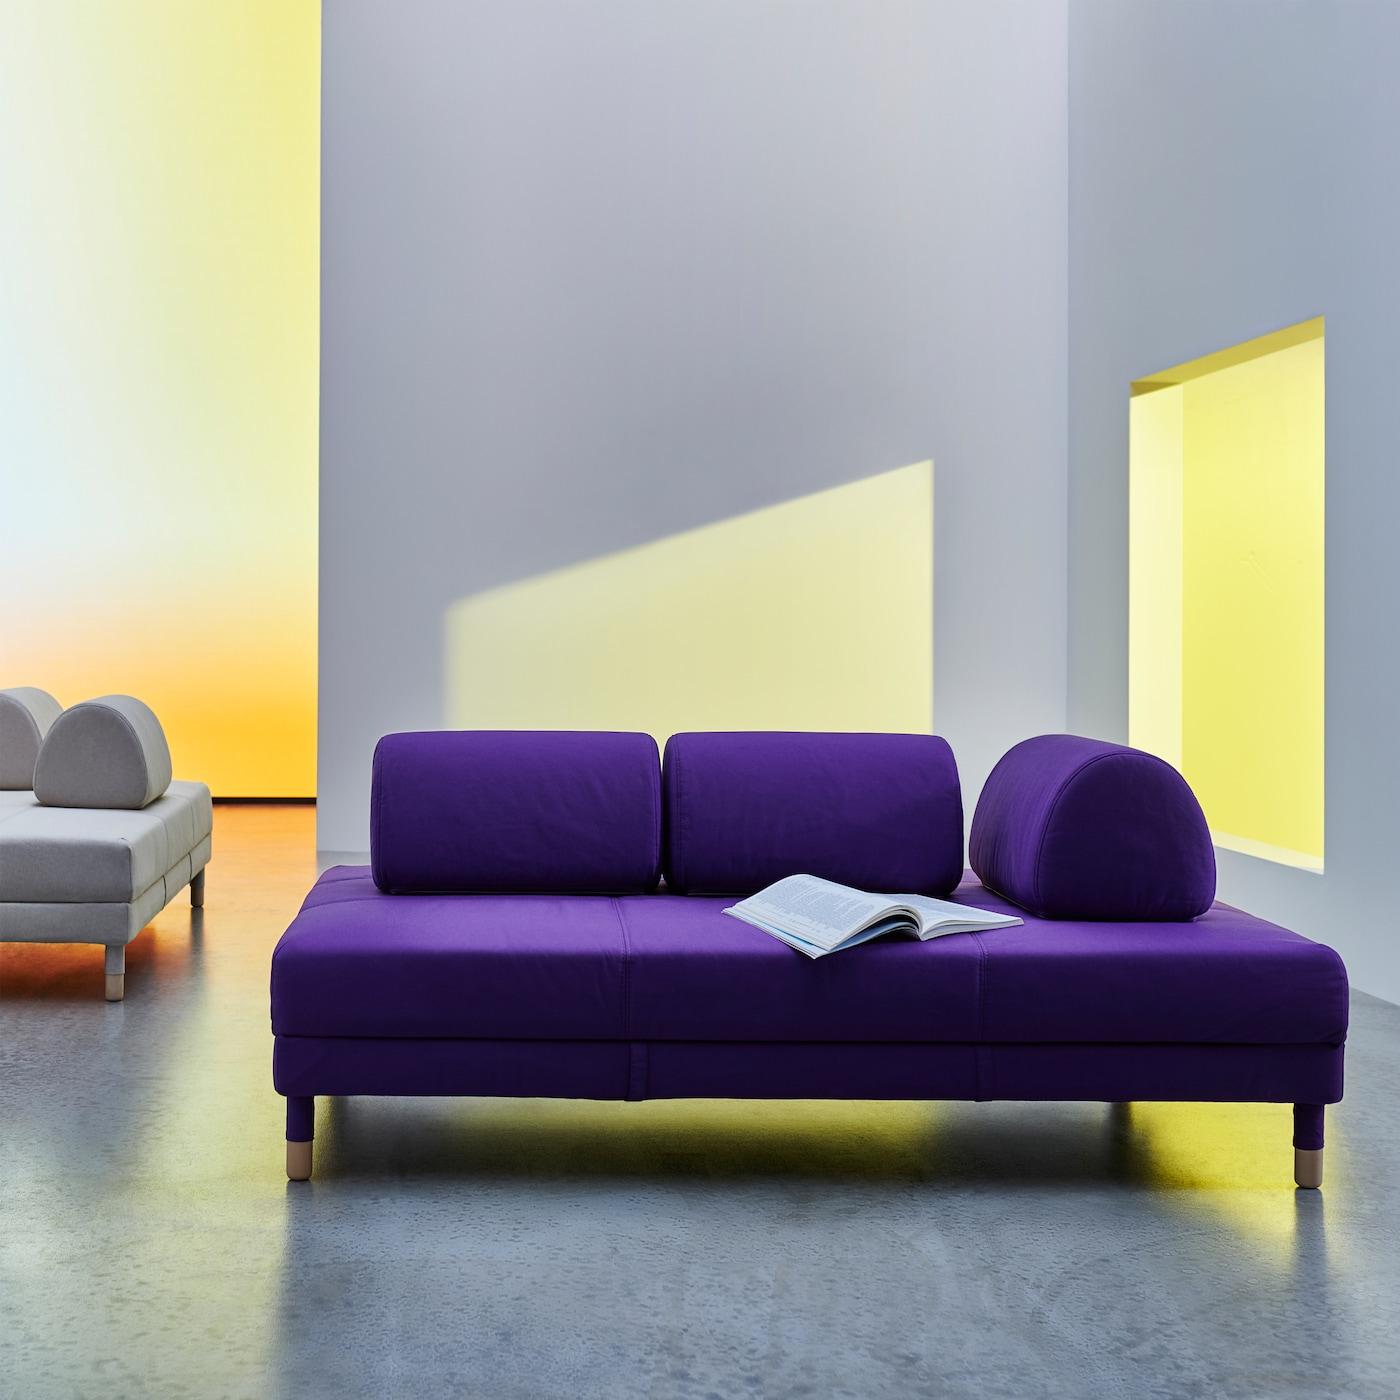 Violetti FLOTTEBO vuodesohva, jossa on minimalistinen muotoilu, puhtaat linjat ja pyöristetyt, siirrettävät tyynyt, jotka voi sijoittaa haluamiinsa kohtiin.